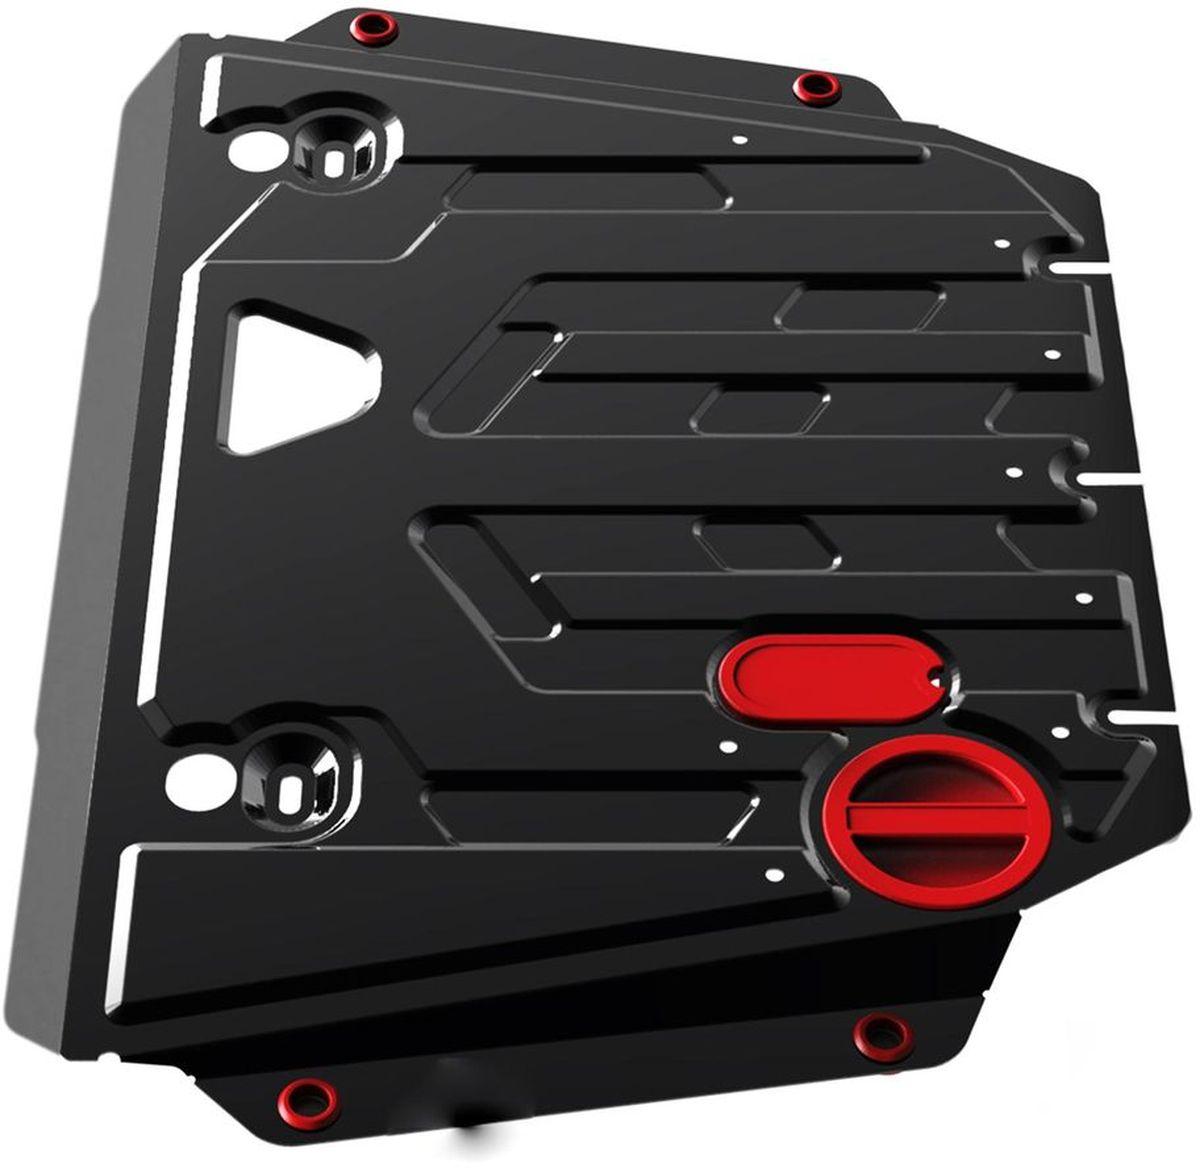 Защита картера и КПП Автоброня, для Hyundai Sonata NF V - 2,0; 2,4 (2005-2010)1004900000360Технологически совершенный продукт за невысокую стоимость.Защита разработана с учетом особенностей днища автомобиля, что позволяет сохранить дорожный просвет с минимальным изменением.Защита устанавливается в штатные места кузова автомобиля. Глубокий штамп обеспечивает до двух раз больше жесткости в сравнении с обычной защитой той же толщины. Проштампованные ребра жесткости препятствуют деформации защиты при ударах.Тепловой зазор и вентиляционные отверстия обеспечивают сохранение температурного режима двигателя в норме. Скрытый крепеж предотвращает срыв крепежных элементов при наезде на препятствие.Шумопоглощающие резиновые элементы обеспечивают комфортную езду без вибраций и скрежета металла, а съемные лючки для слива масла и замены фильтра - экономию средств и время.Конструкция изделия не влияет на пассивную безопасность автомобиля (при ударе защита не воздействует на деформационные зоны кузова). Со штатным крепежом. В комплекте инструкция по установке.Толщина стали: 2 мм.Уважаемые клиенты!Обращаем ваше внимание, что элемент защиты имеет форму, соответствующую модели данного автомобиля. Фото служит для визуального восприятия товара и может отличаться от фактического.